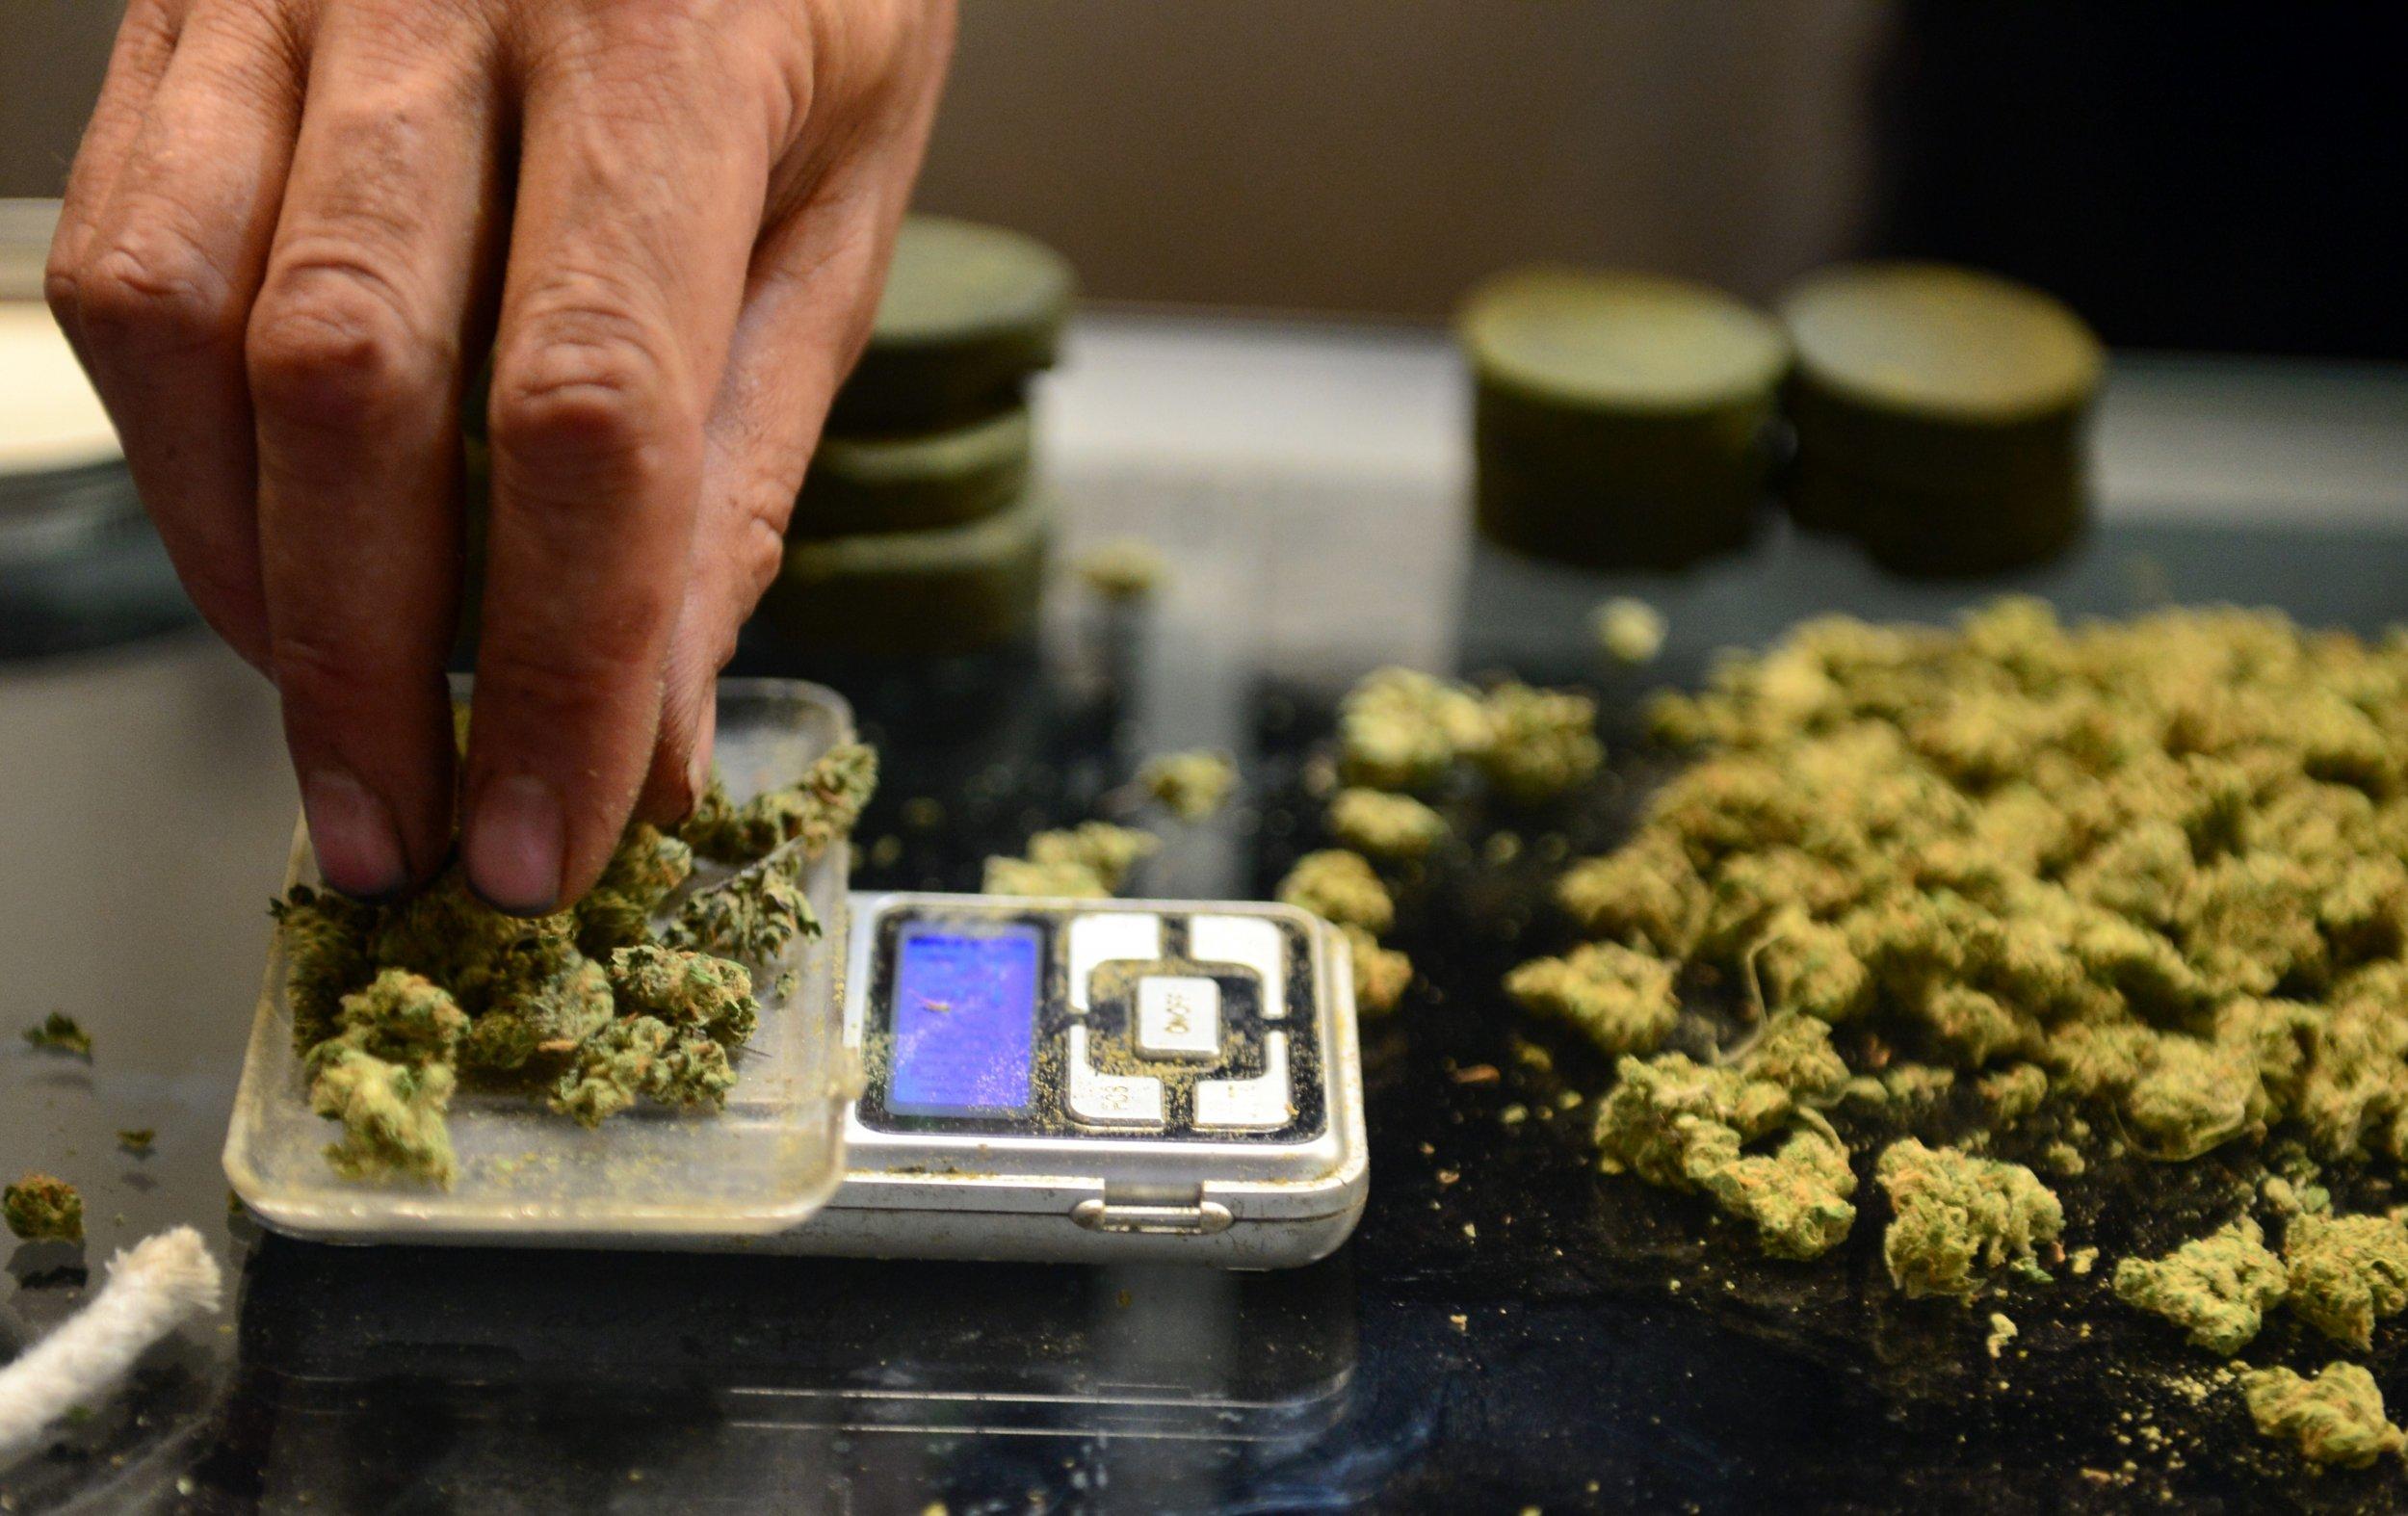 Marijuana weighing